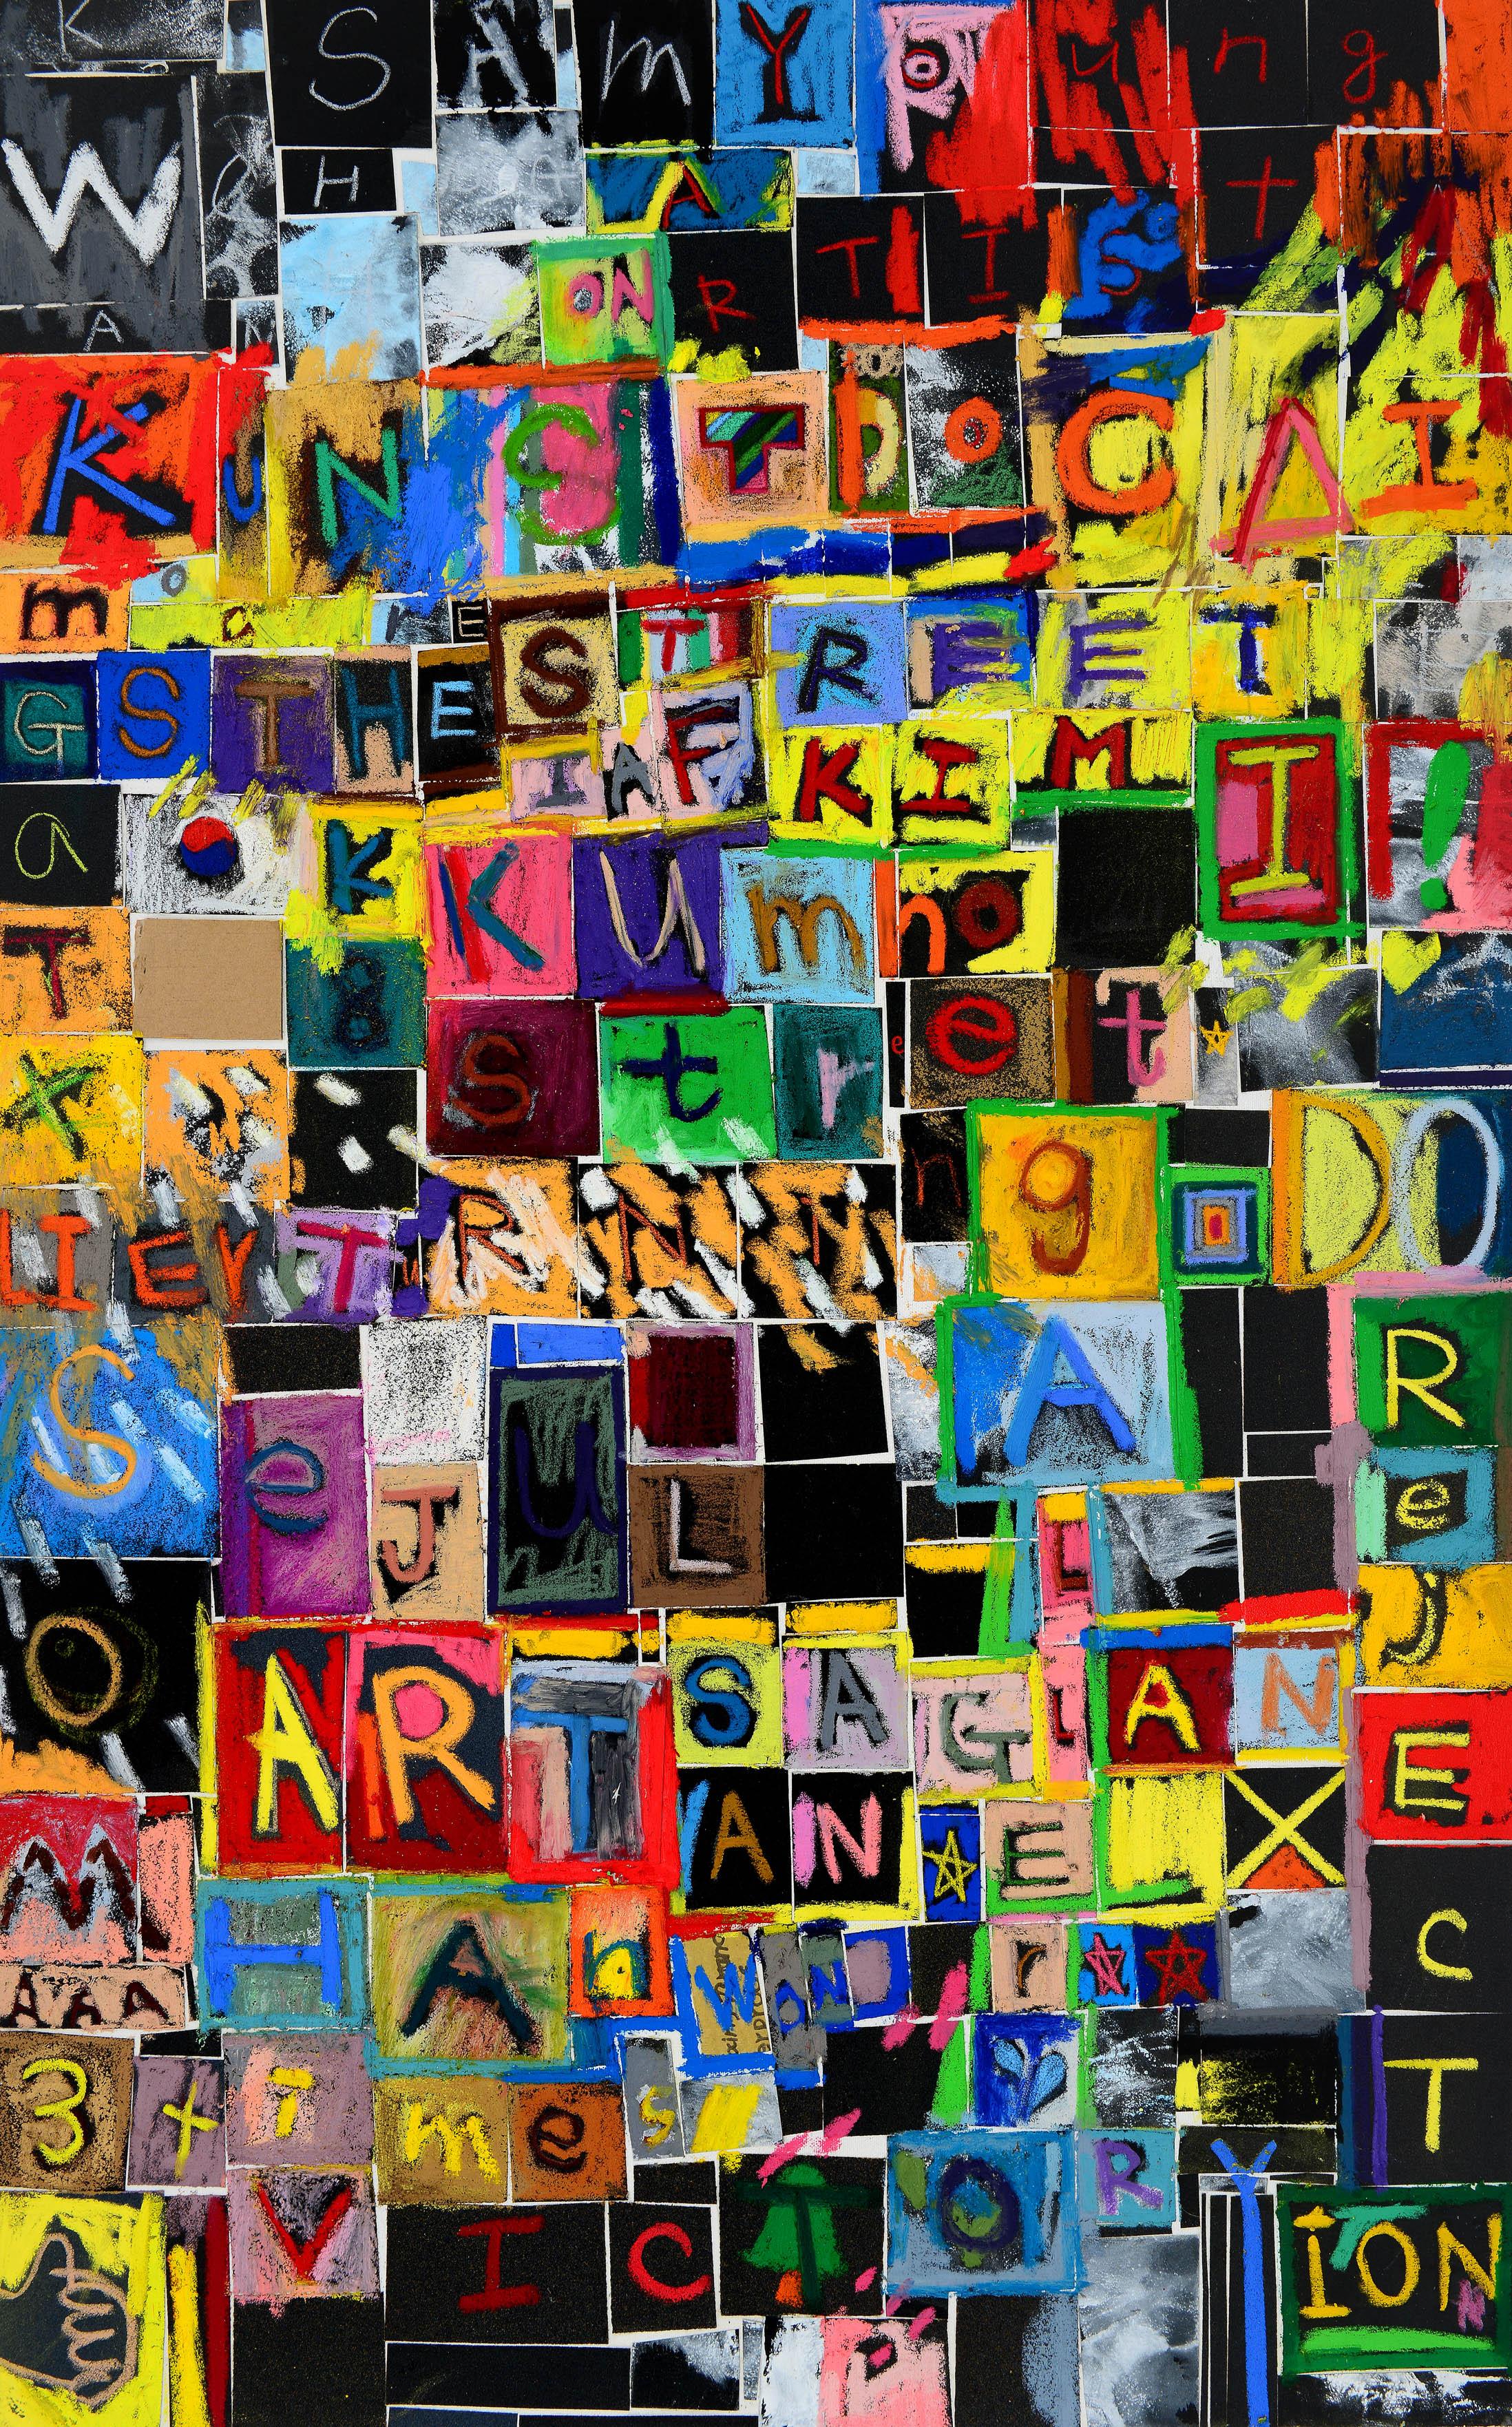 6.My_dream_116.8×72.7cm,_Acrylic,_oil_bar_on_canvas_2014